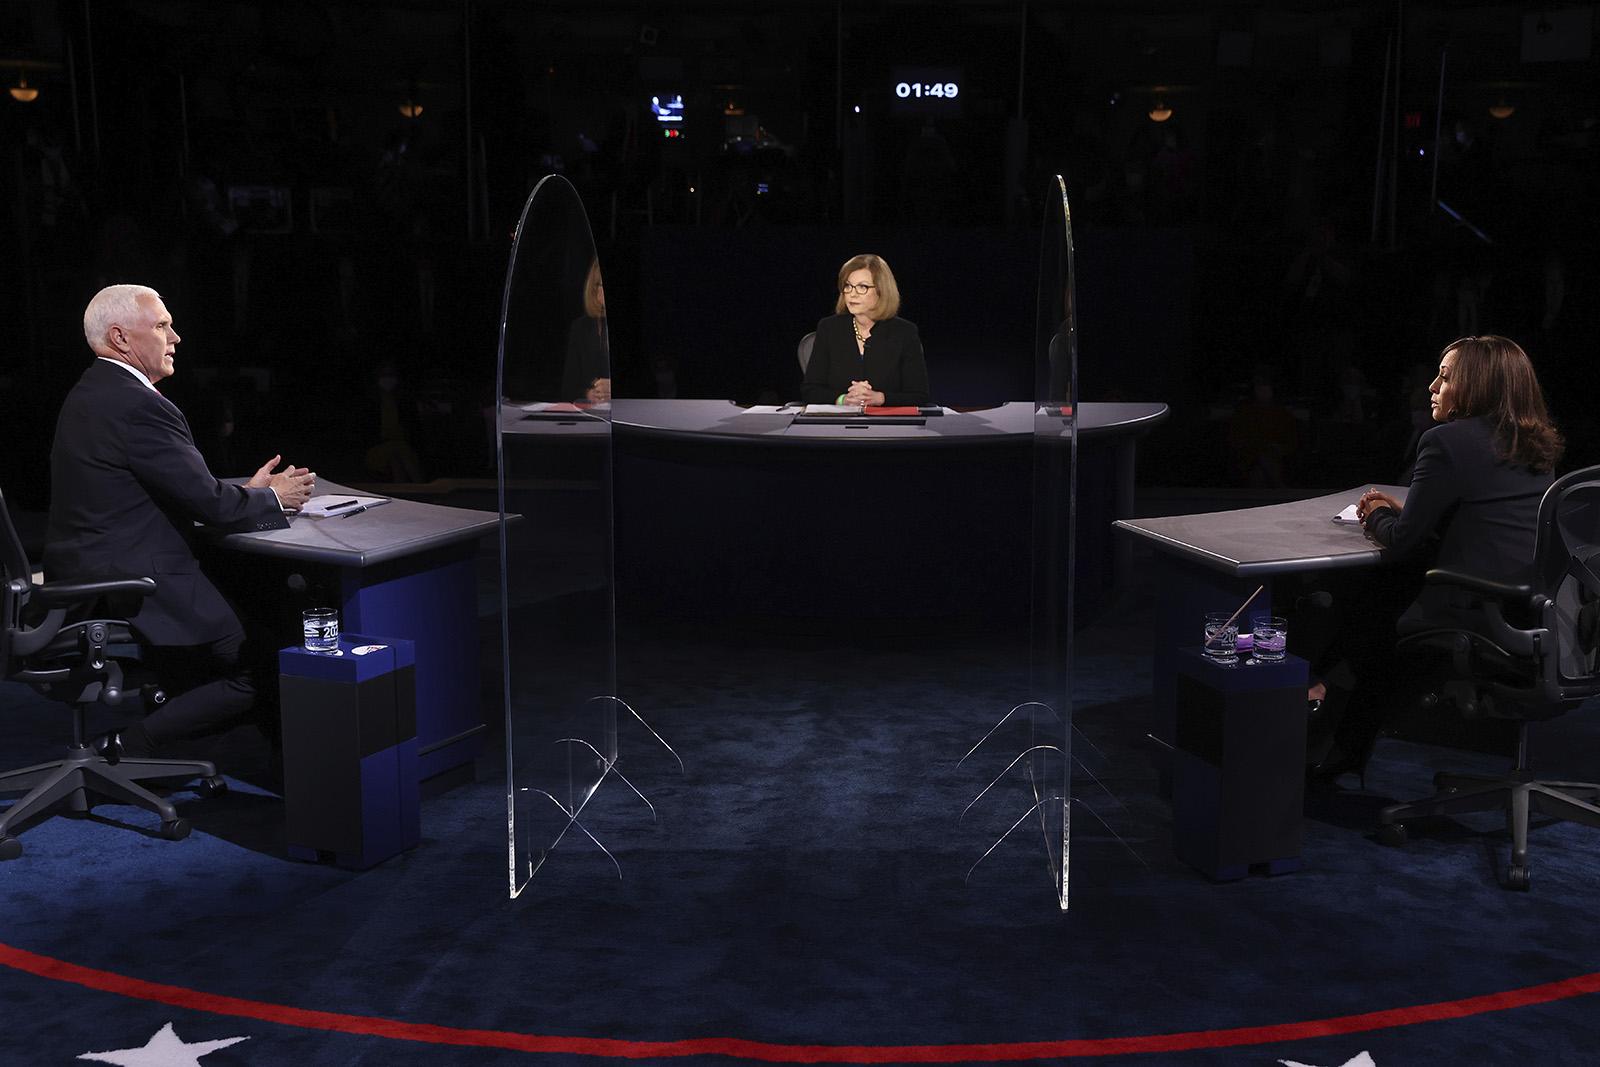 【惠州精品】_现场!美副总统候选人隔3.6米辩论:不戴口罩,中间竖巨大玻璃板